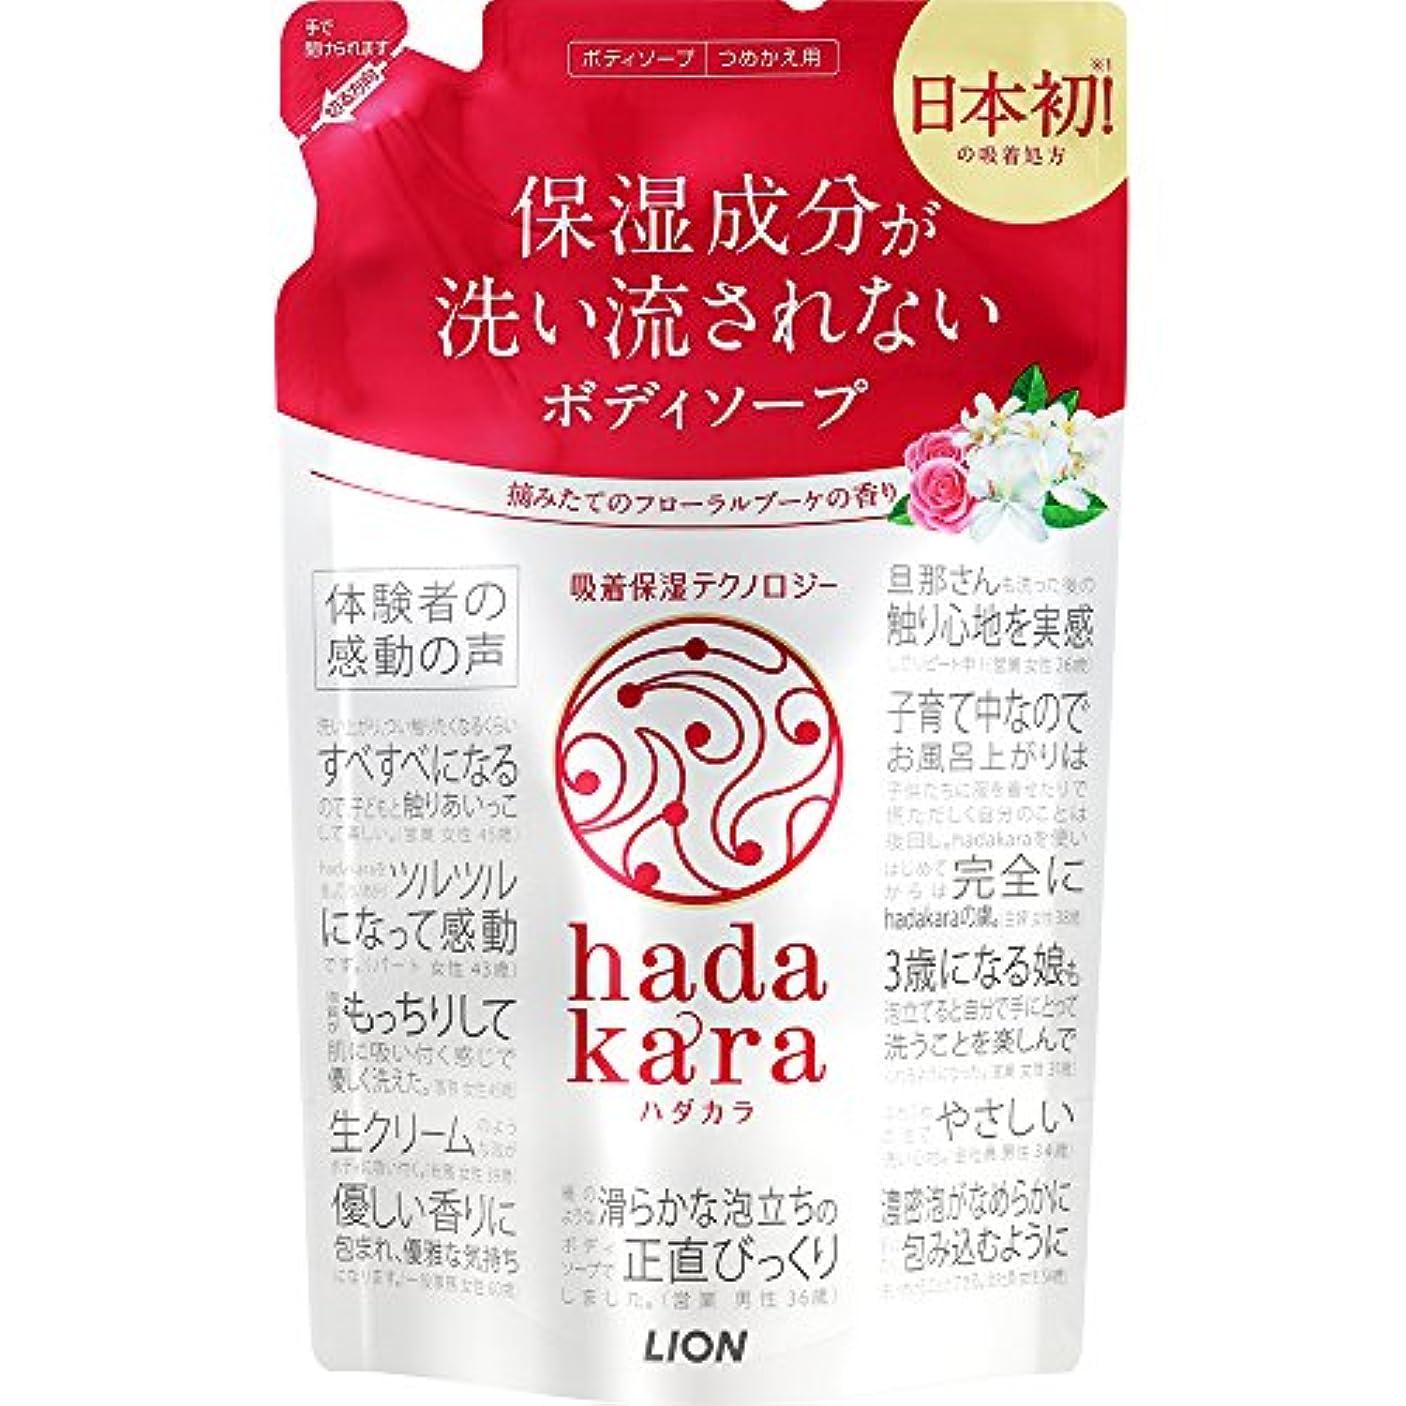 伝説メモ通常hadakara(ハダカラ) ボディソープ フローラルブーケの香り 詰め替え 360ml